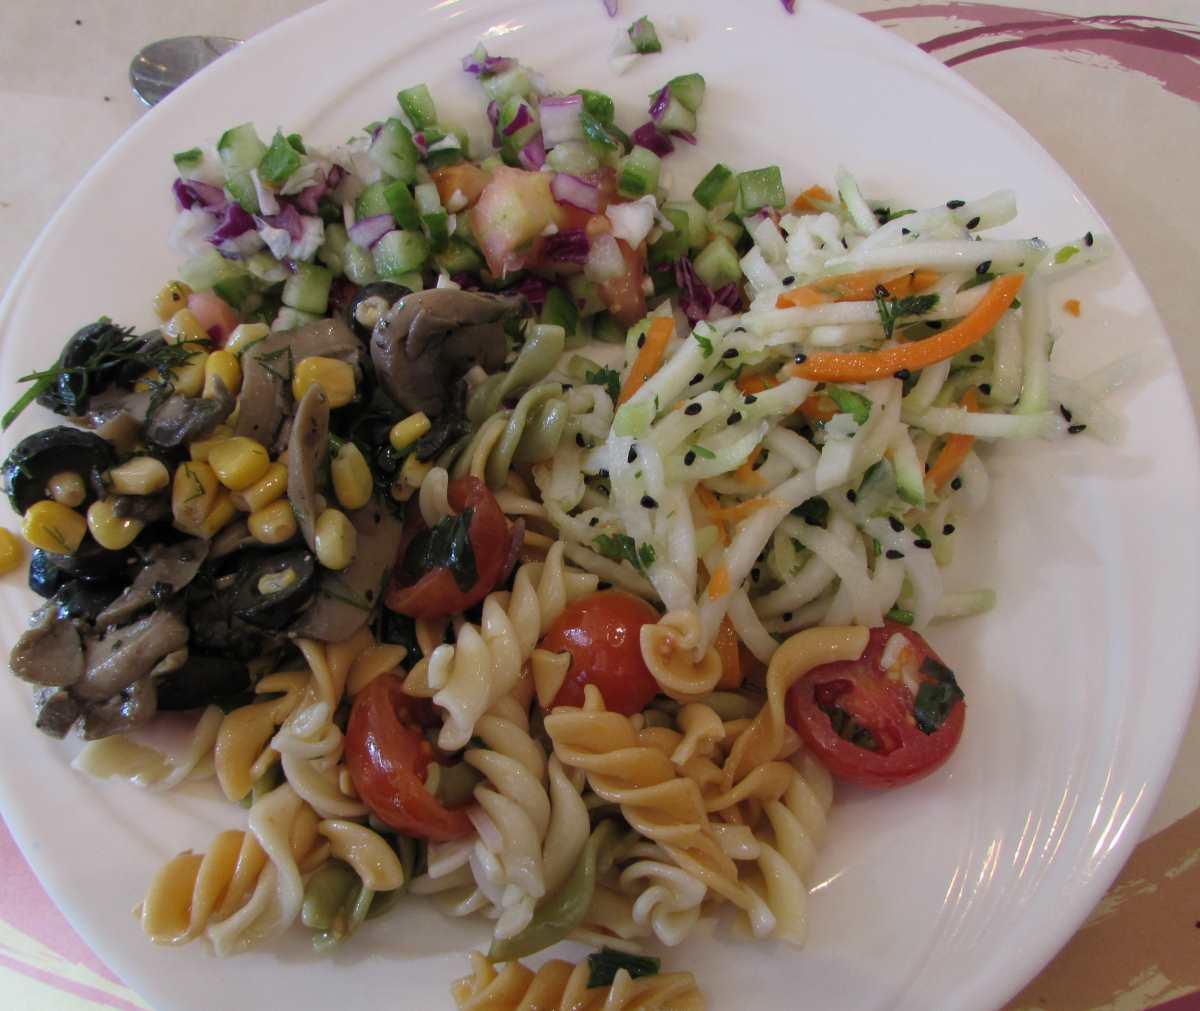 סלט כולורבי וגזר (טוב), סלט ירקות (טוב), סלט פסטה וסלט פטריות ארוחת בוקר מלון קראון פלאזה